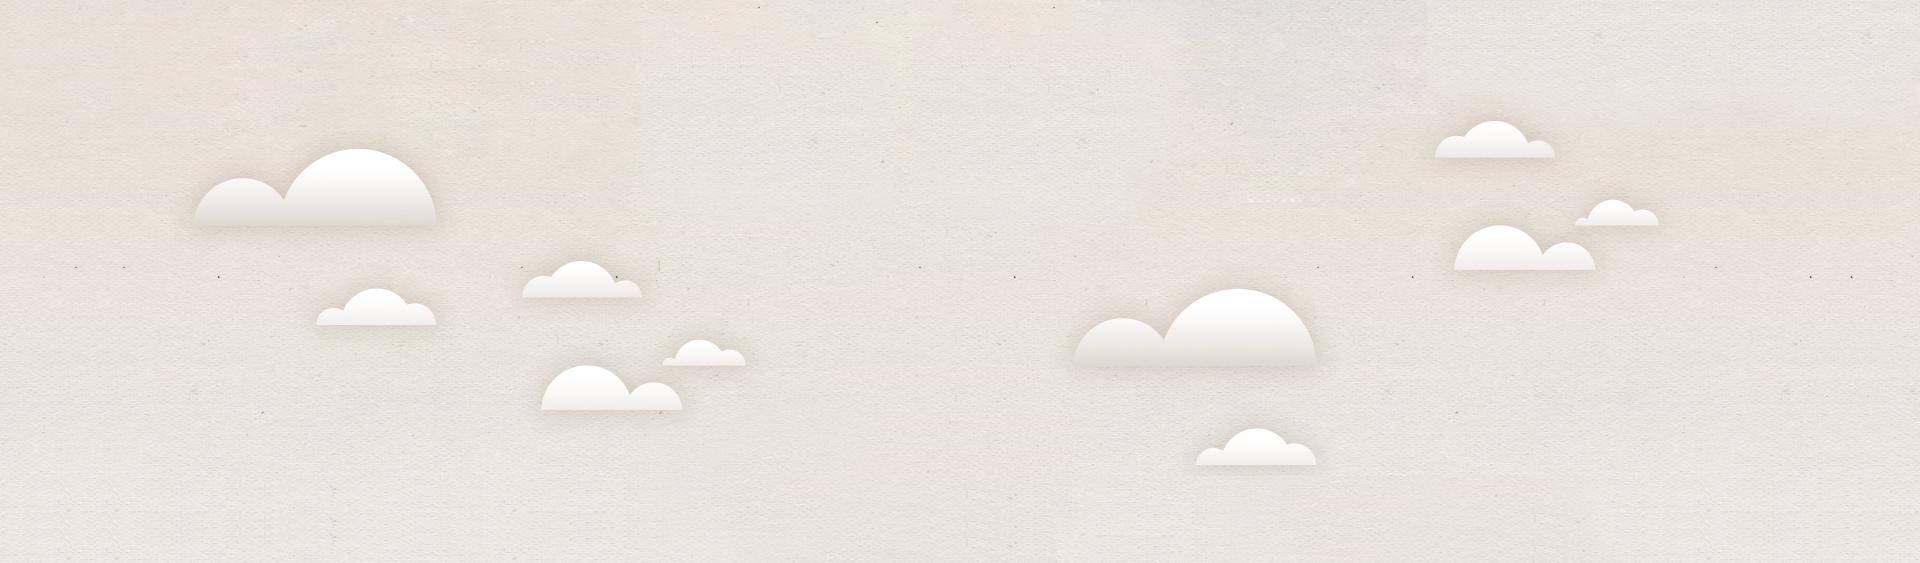 Wolkenhintergrund